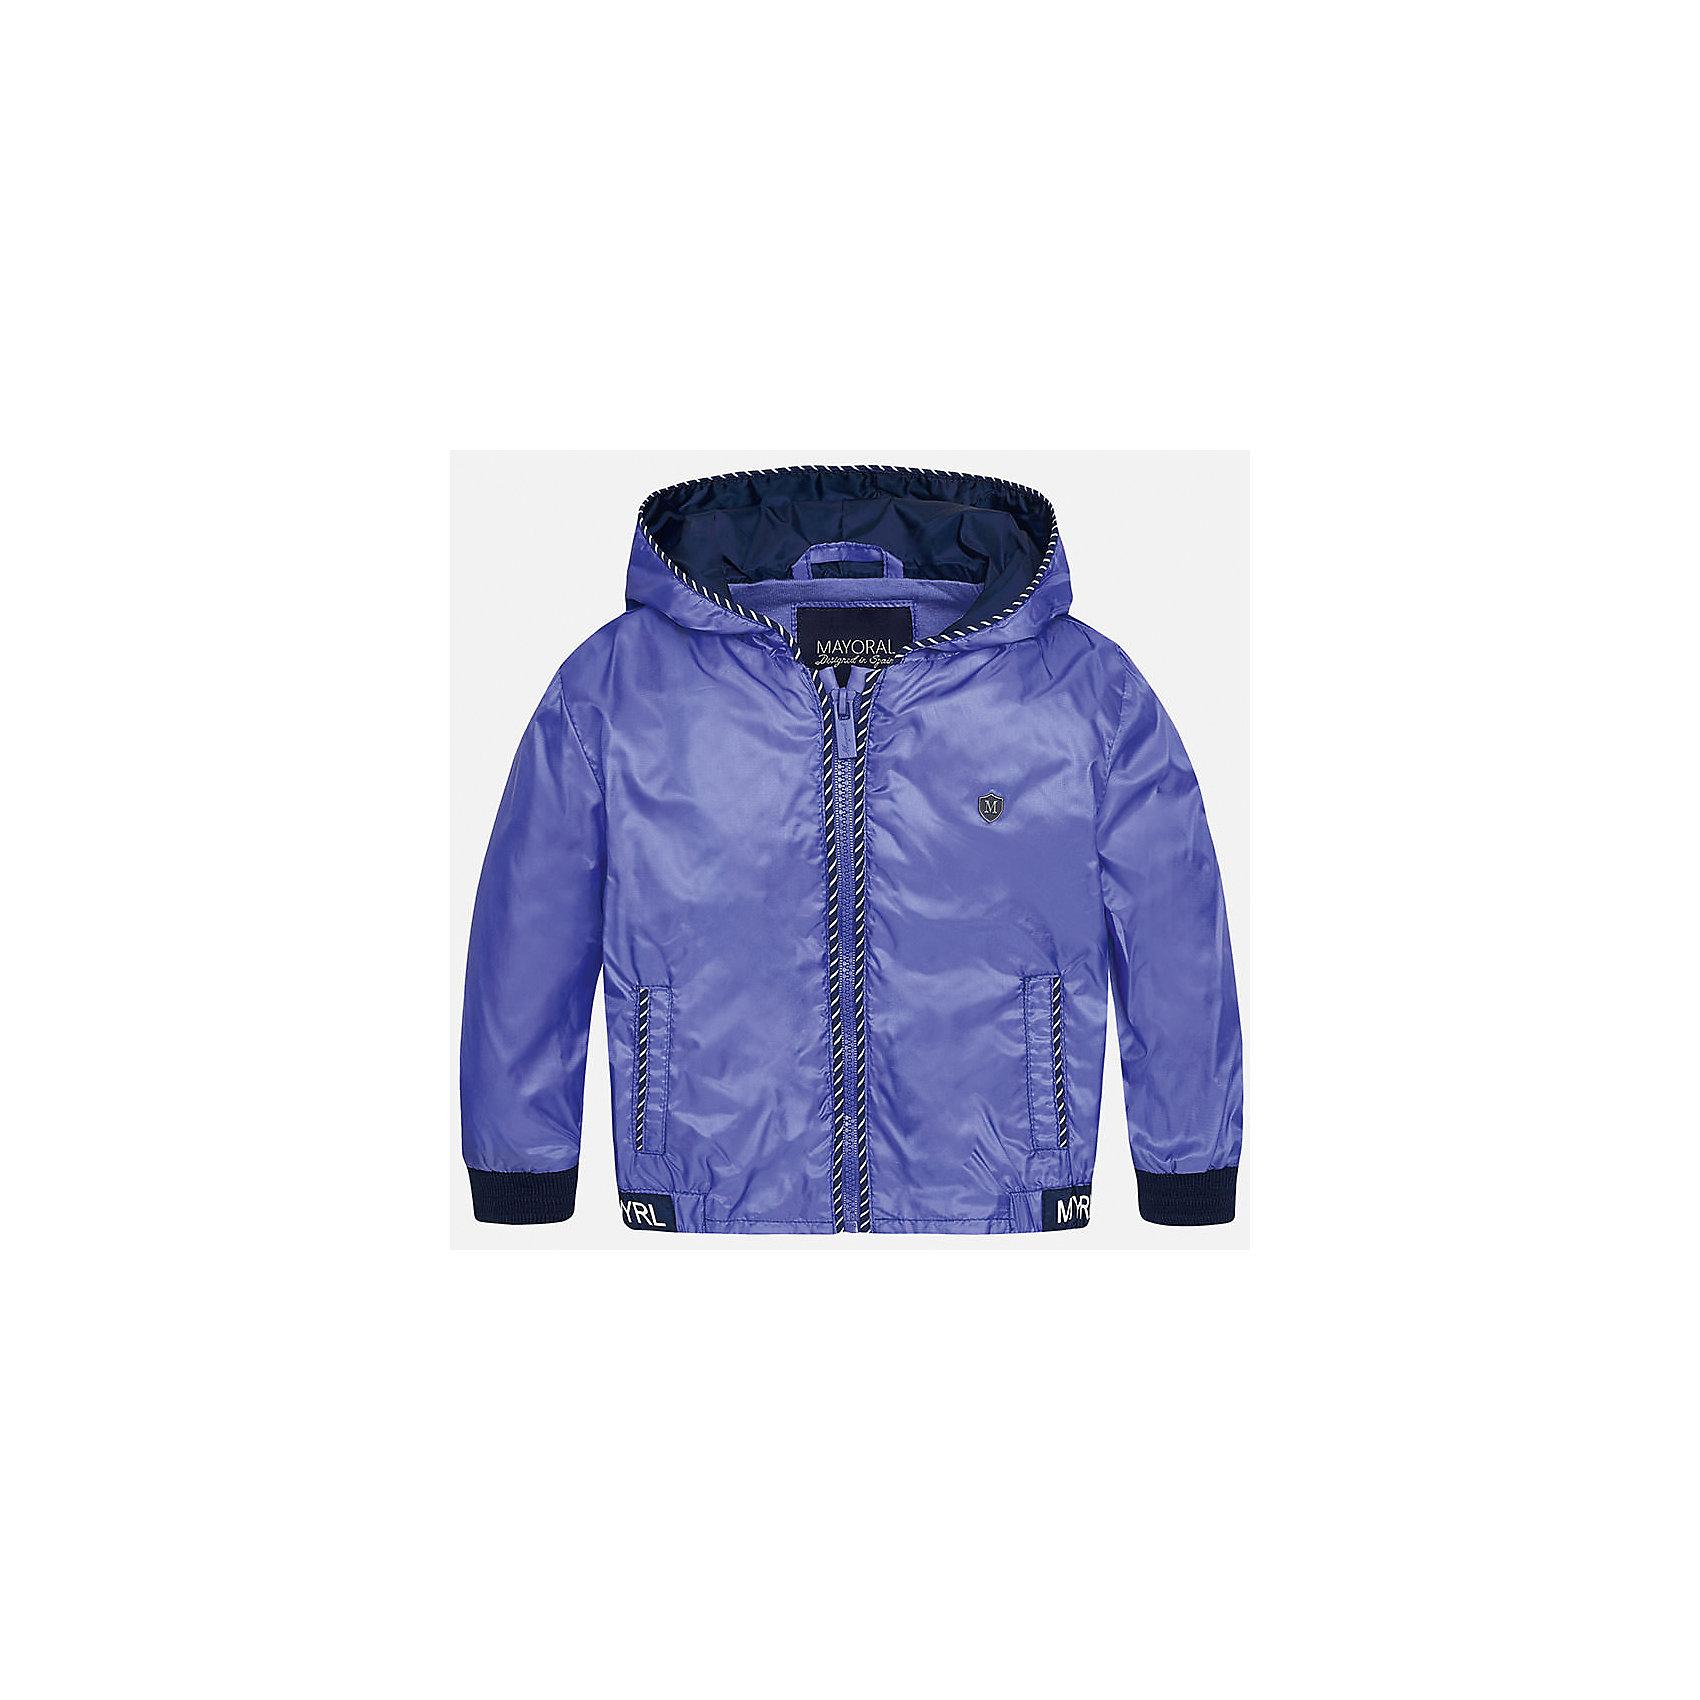 Ветровка для мальчика MayoralВерхняя одежда<br>Характеристики товара:<br><br>• цвет: синий<br>• состав: 100% полиэстер, подкладка - 100% хлопок<br>• манжеты <br>• карманы<br>• молния<br>• капюшон<br>• страна бренда: Испания<br><br>Легкая ветровка для мальчика поможет разнообразить гардероб ребенка и обеспечить тепло в прохладную погоду. Она отлично сочетается и с джинсами, и с брюками. Универсальный цвет позволяет подобрать к вещи низ различных расцветок. Интересная отделка модели делает её нарядной и оригинальной. В составе материала подкладки - натуральный хлопок, гипоаллергенный, приятный на ощупь, дышащий.<br><br>Одежда, обувь и аксессуары от испанского бренда Mayoral полюбились детям и взрослым по всему миру. Модели этой марки - стильные и удобные. Для их производства используются только безопасные, качественные материалы и фурнитура. Порадуйте ребенка модными и красивыми вещами от Mayoral! <br><br>Ветровку для мальчика от испанского бренда Mayoral (Майорал) можно купить в нашем интернет-магазине.<br><br>Ширина мм: 356<br>Глубина мм: 10<br>Высота мм: 245<br>Вес г: 519<br>Цвет: фиолетовый<br>Возраст от месяцев: 12<br>Возраст до месяцев: 18<br>Пол: Мужской<br>Возраст: Детский<br>Размер: 86,80,92<br>SKU: 5279620